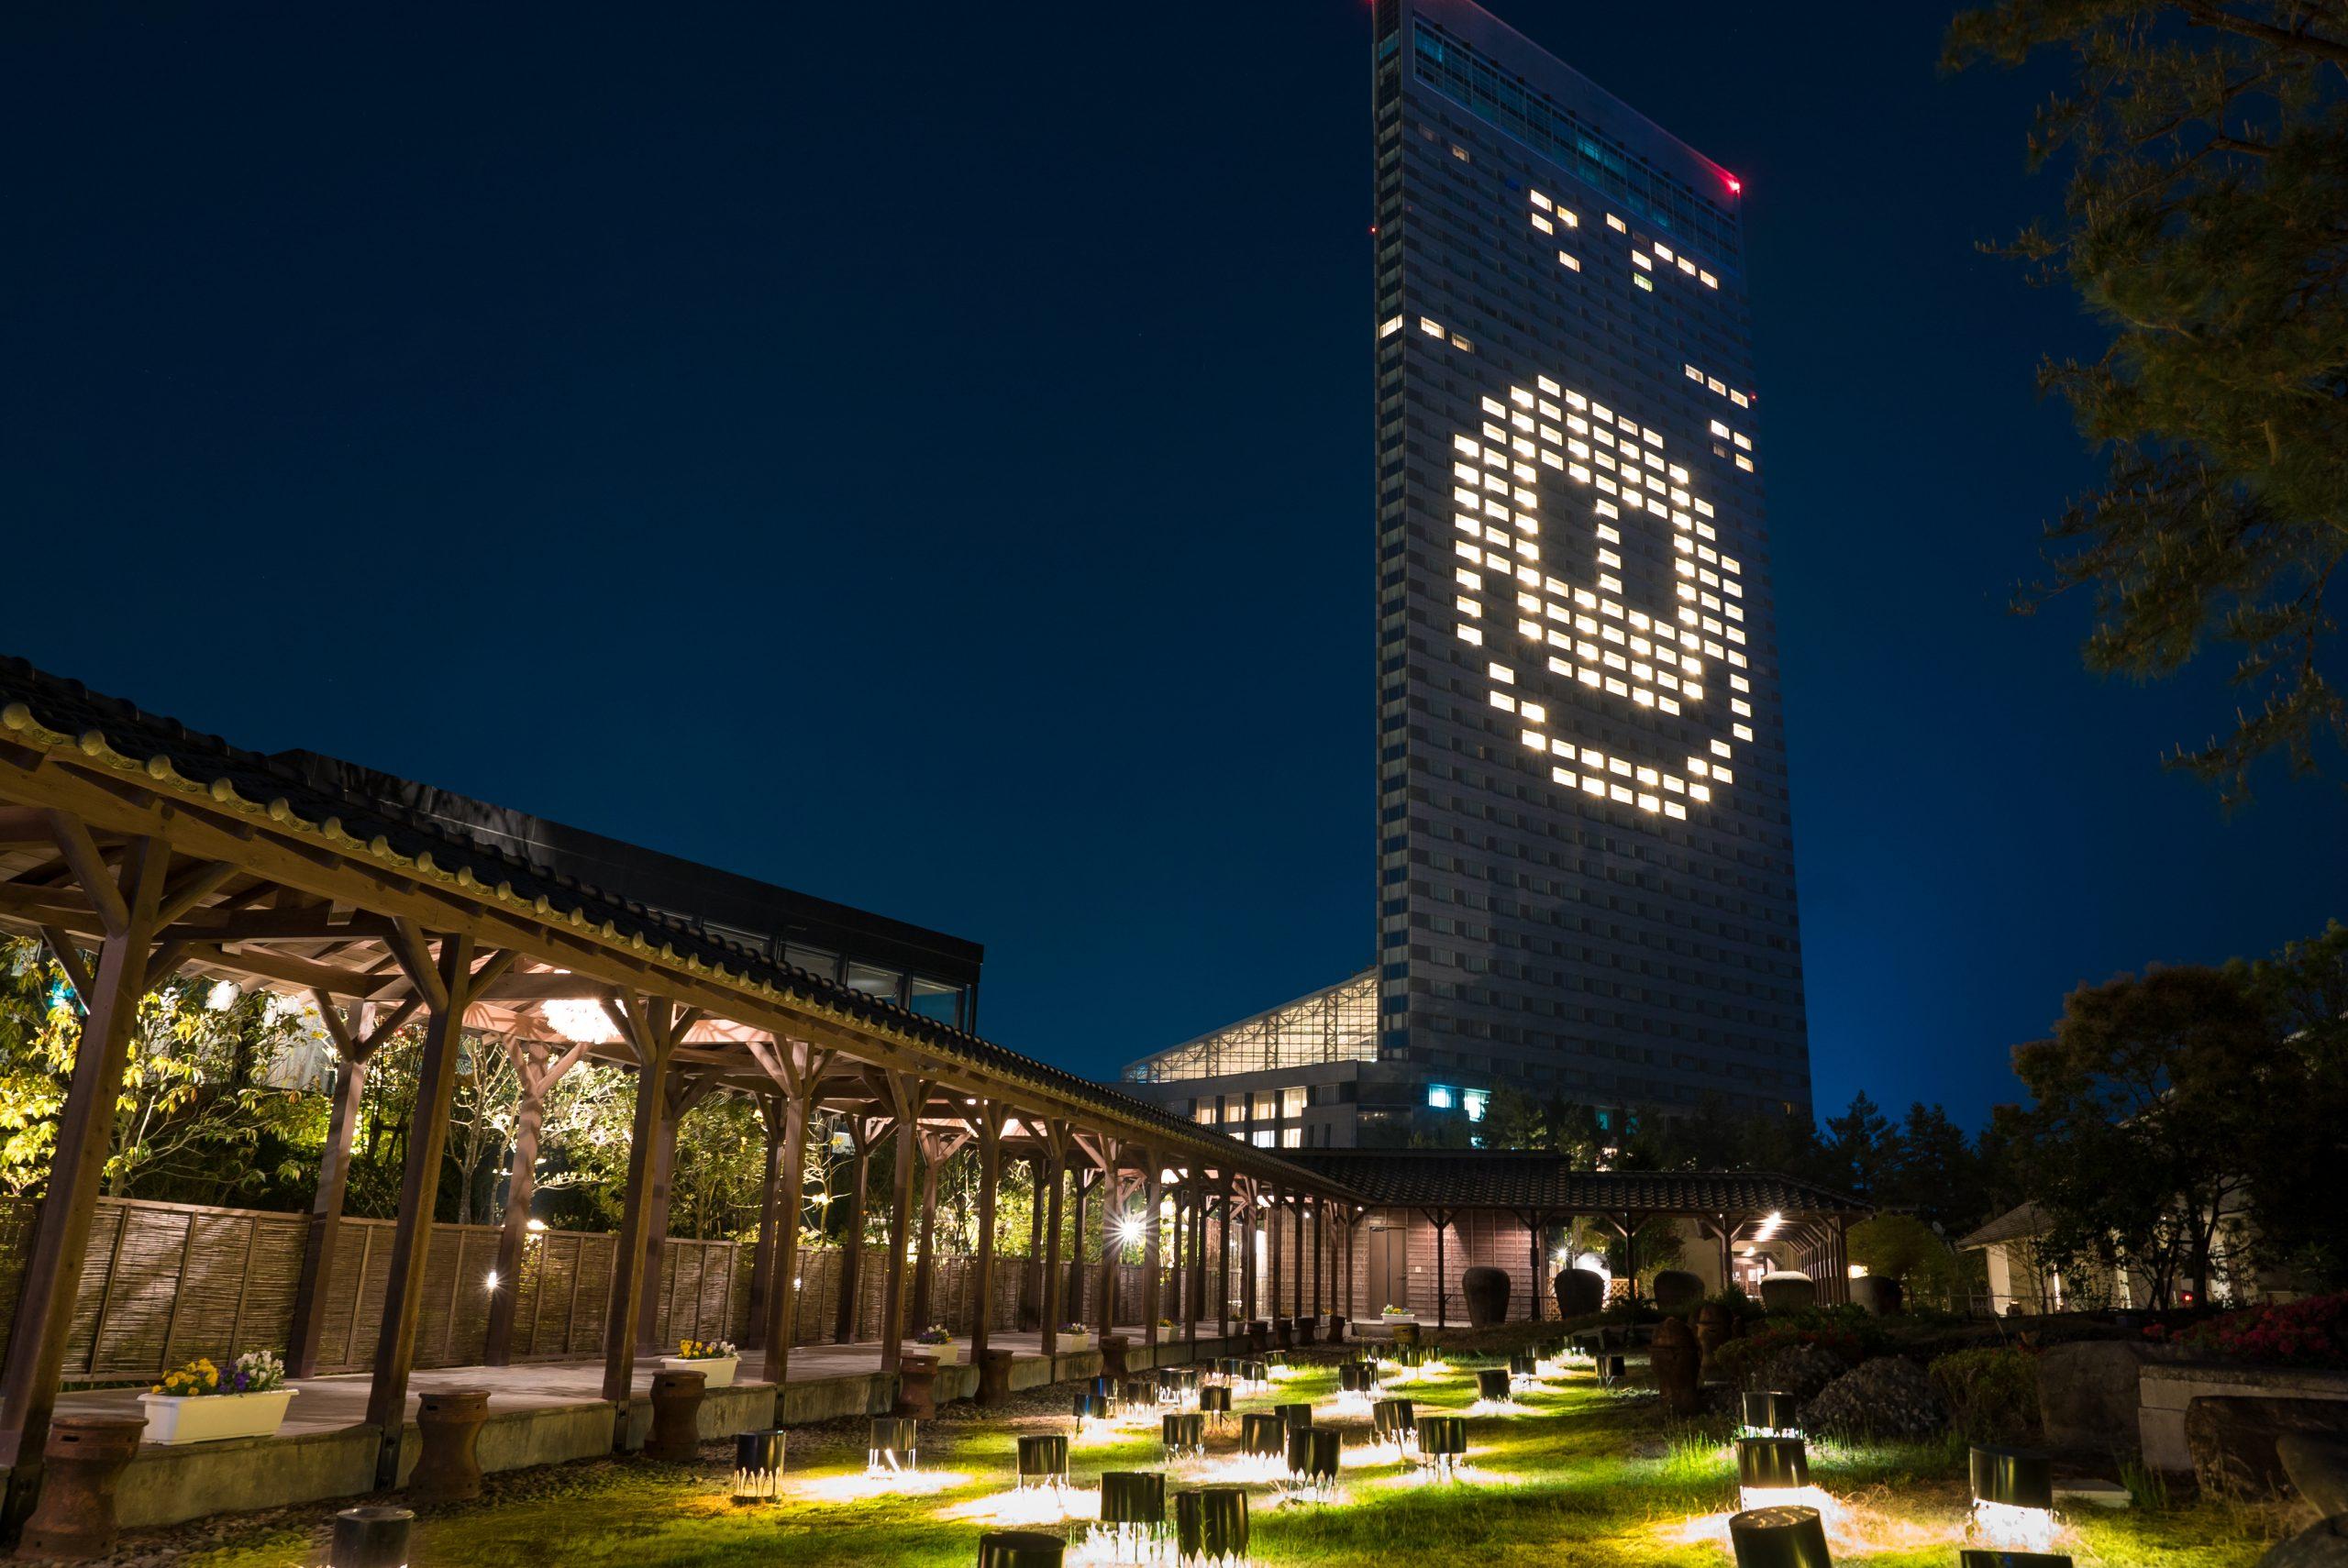 Marriott International Light For Hope